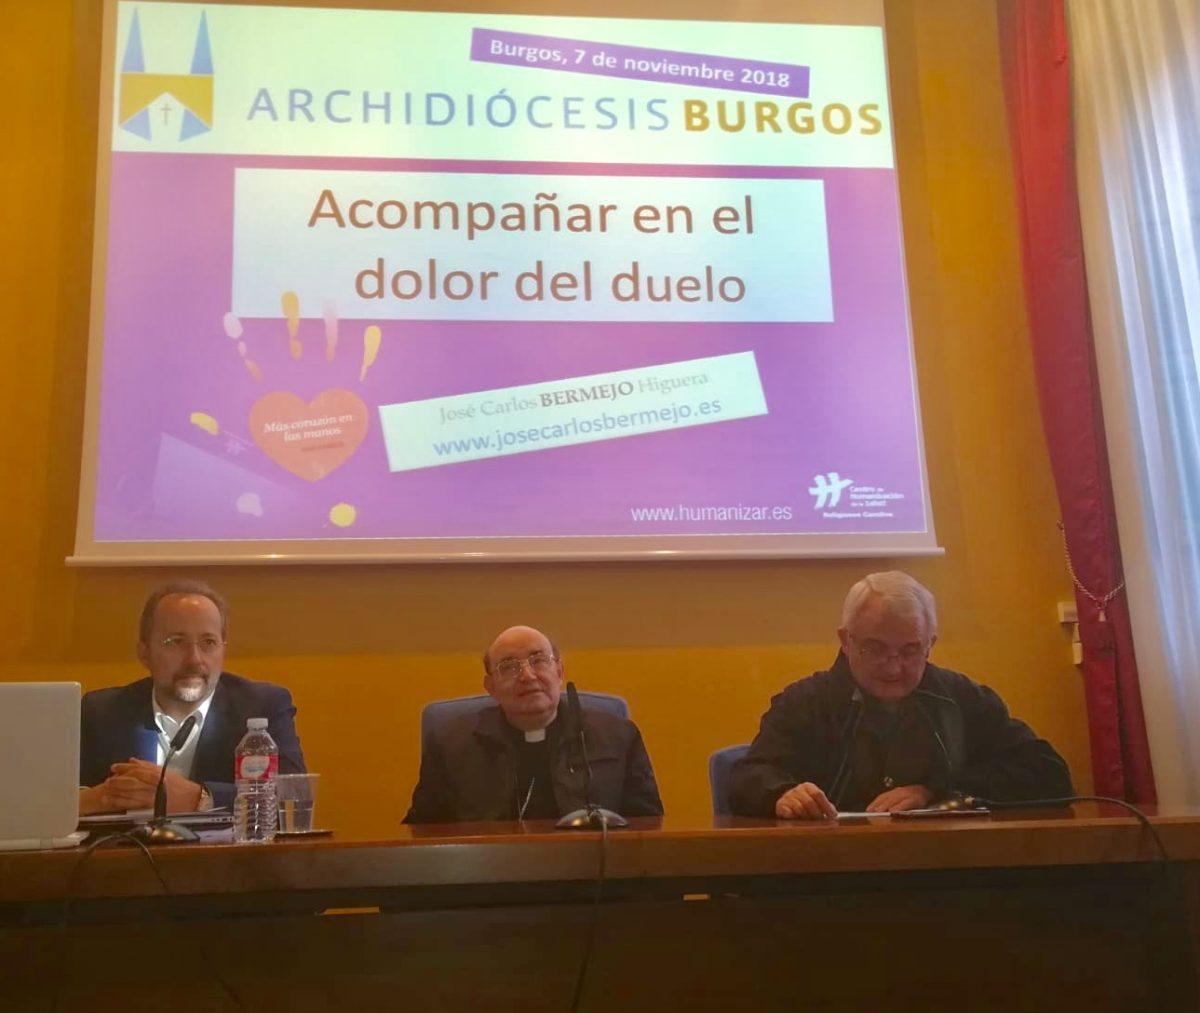 Arzobispo Fidel Herráez y José Carlos Bermejo en Burgos